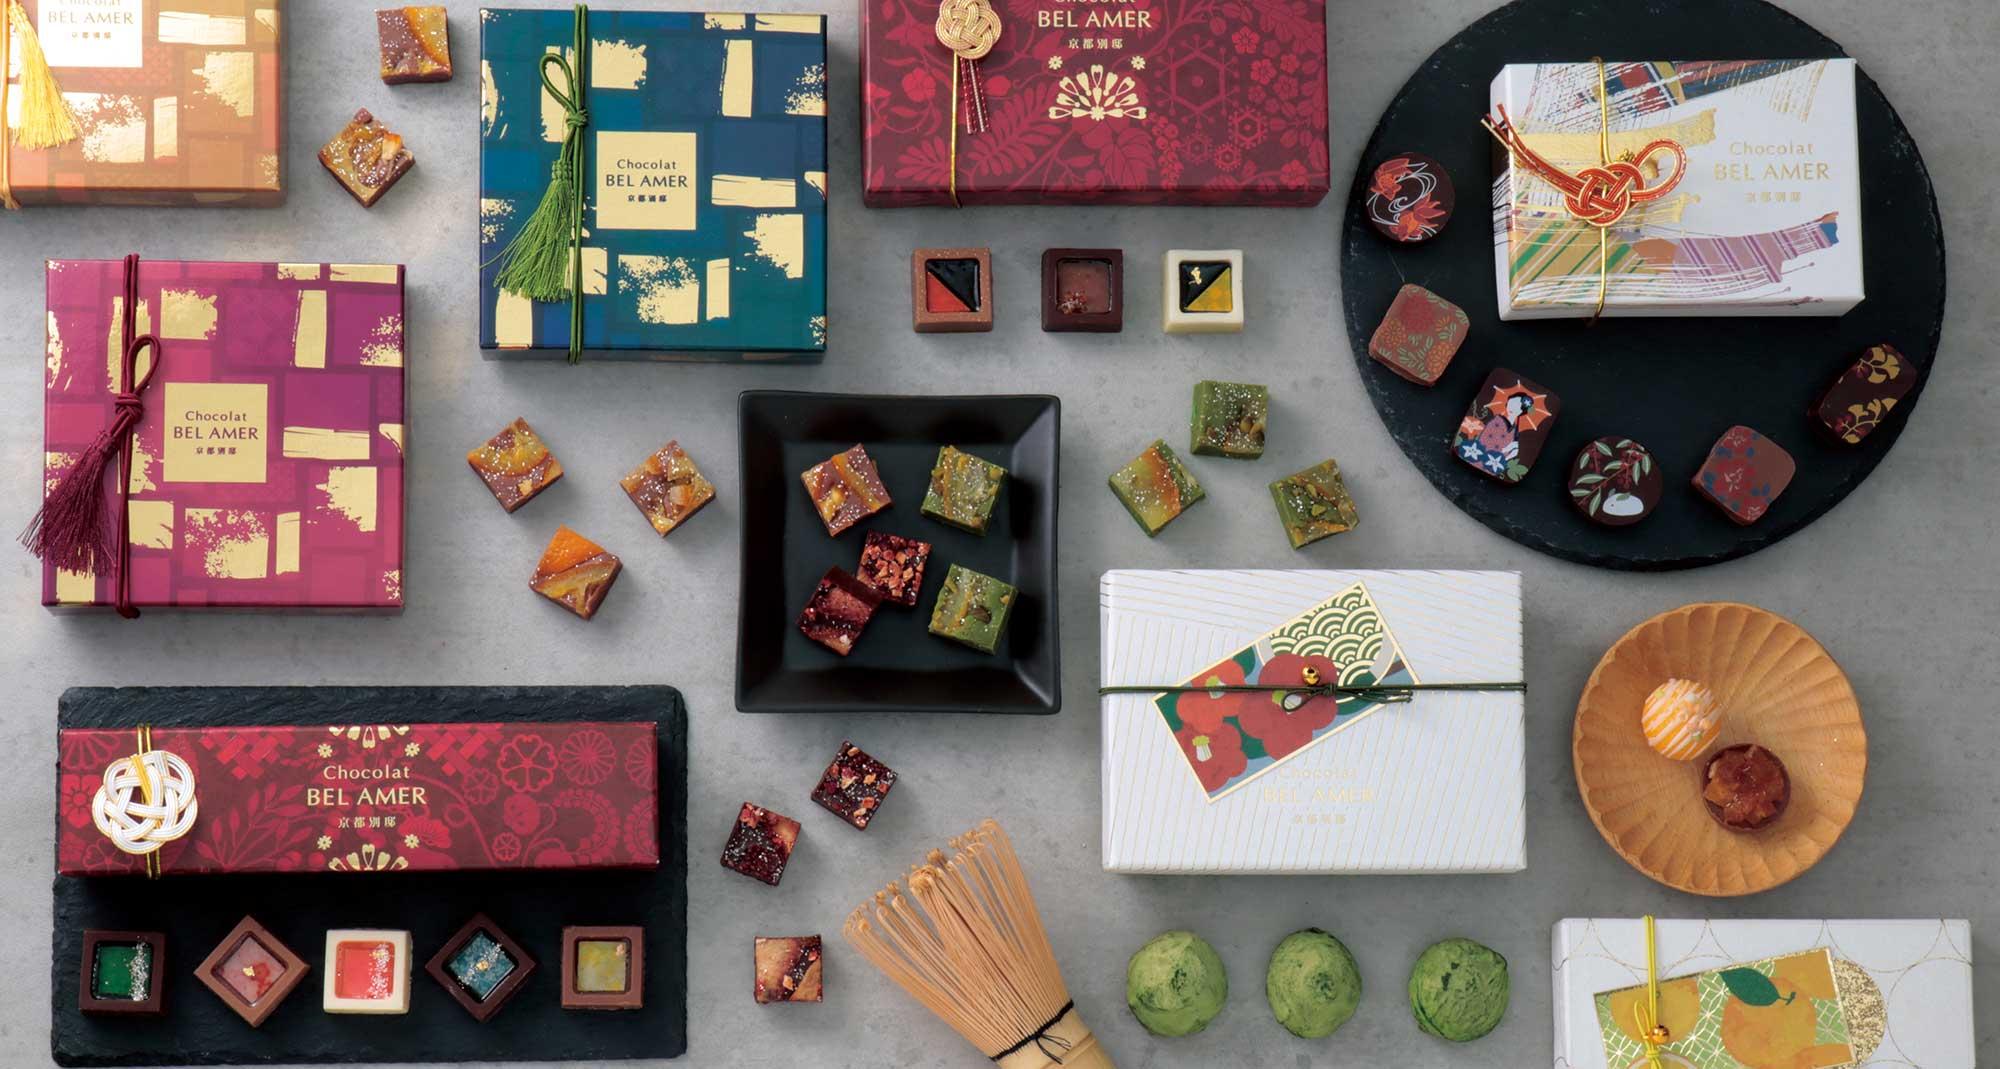 ショコラベルアメール京都別邸より、日本の素材と美しさにこだわった新作ショコラが登場